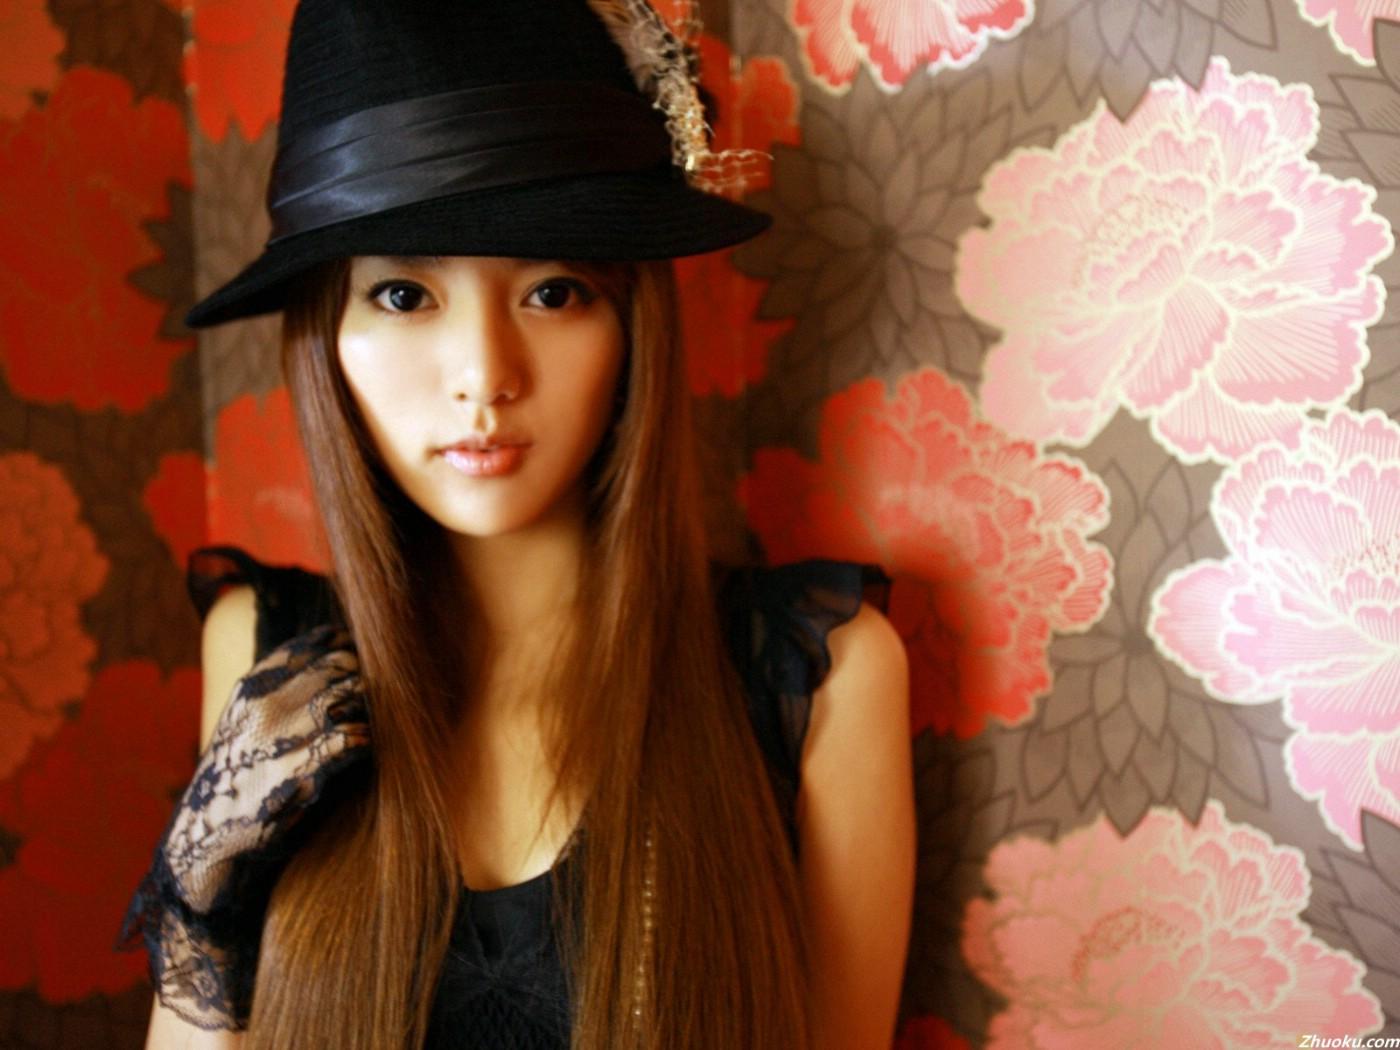 壁纸1400×1050alan 日本女明星 壁纸10壁纸 alan 日本女